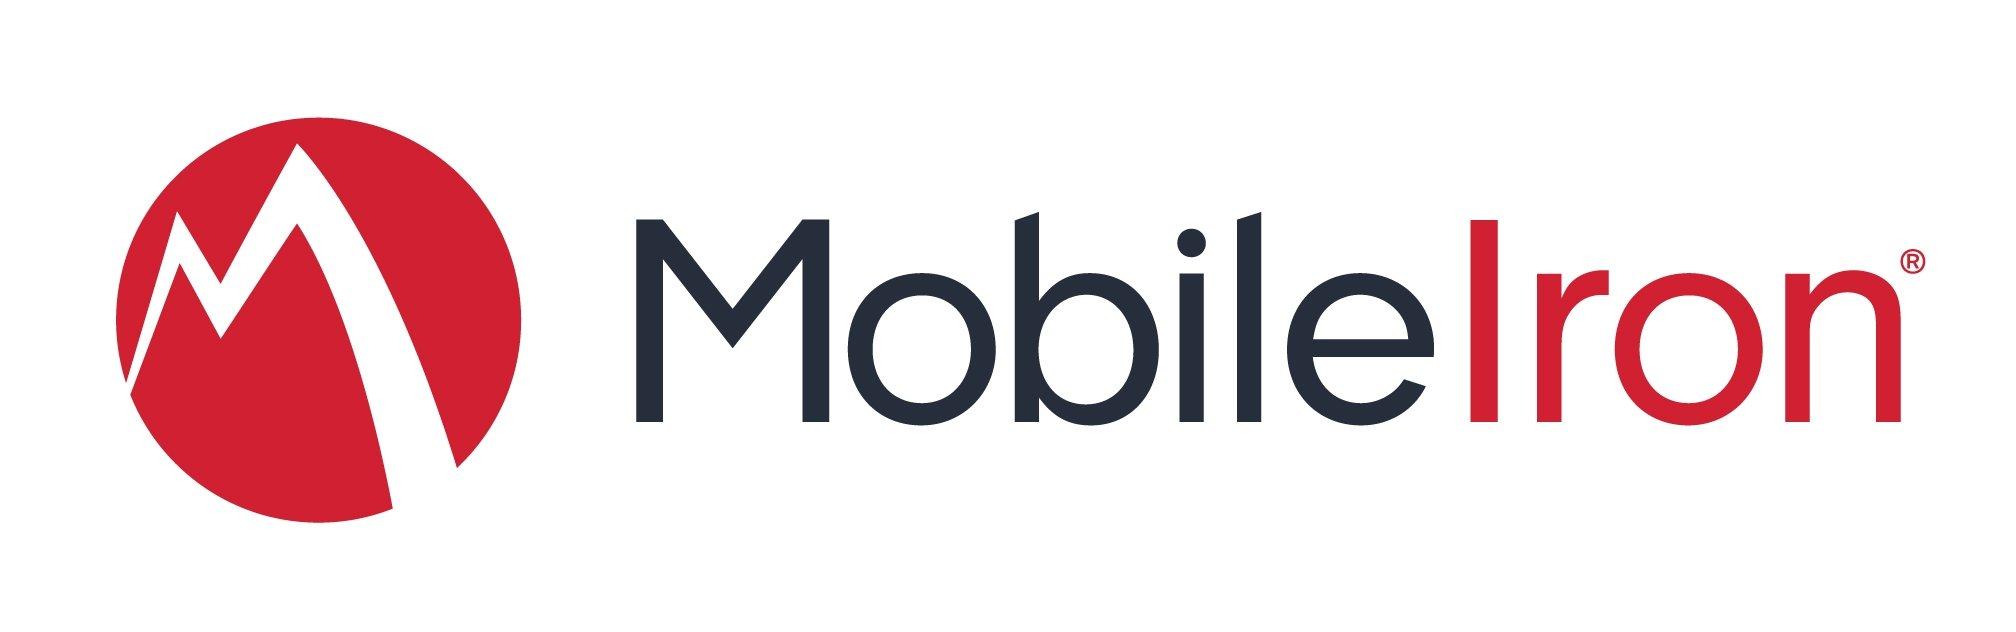 Mobileiron, Inc.